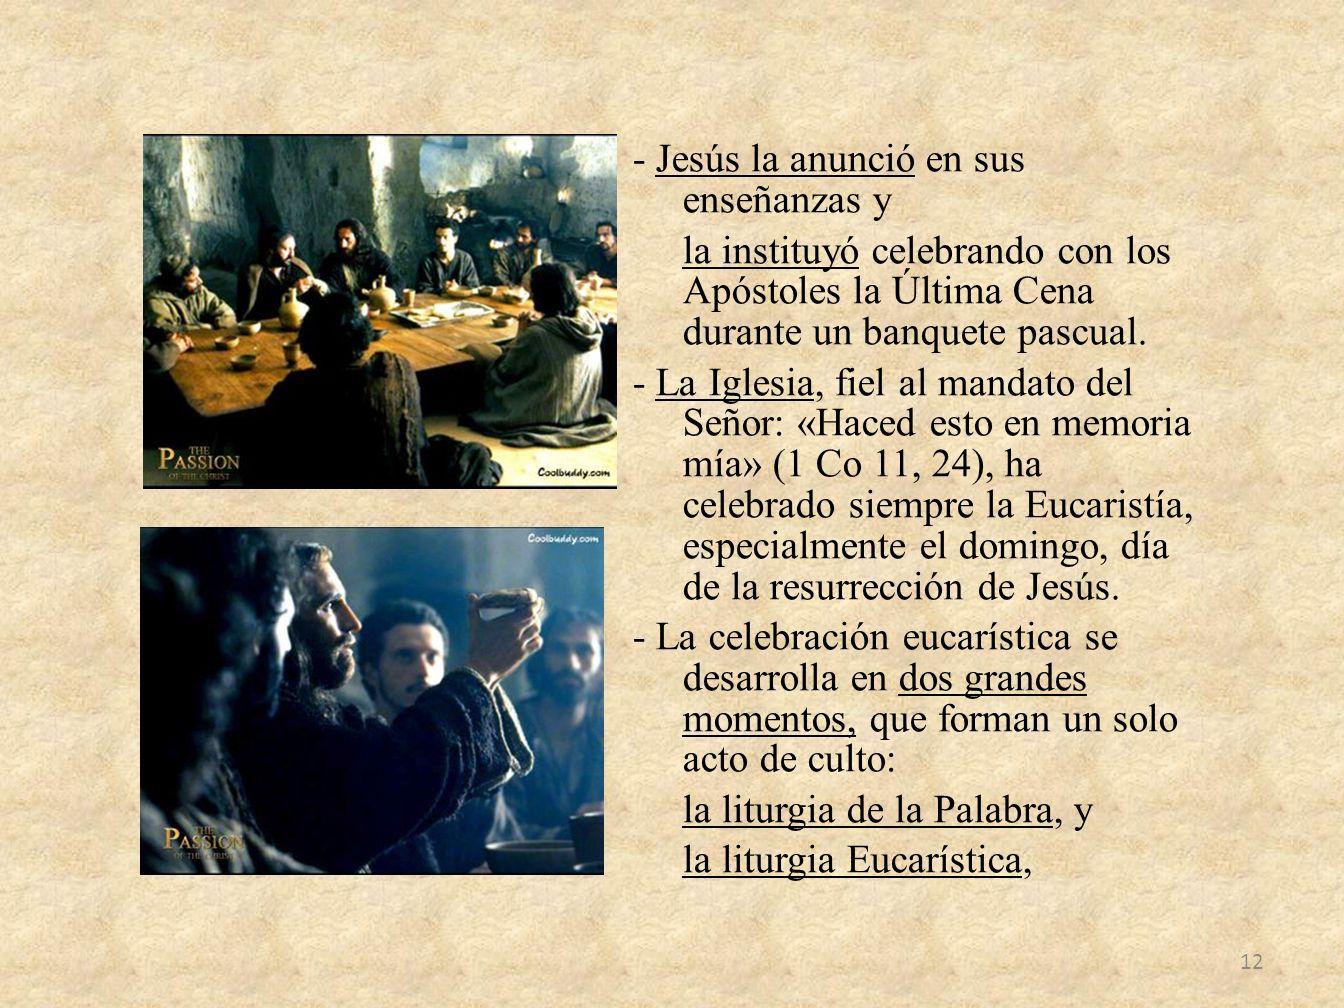 - Jesús la anunció en sus enseñanzas y la instituyó celebrando con los Apóstoles la Última Cena durante un banquete pascual.